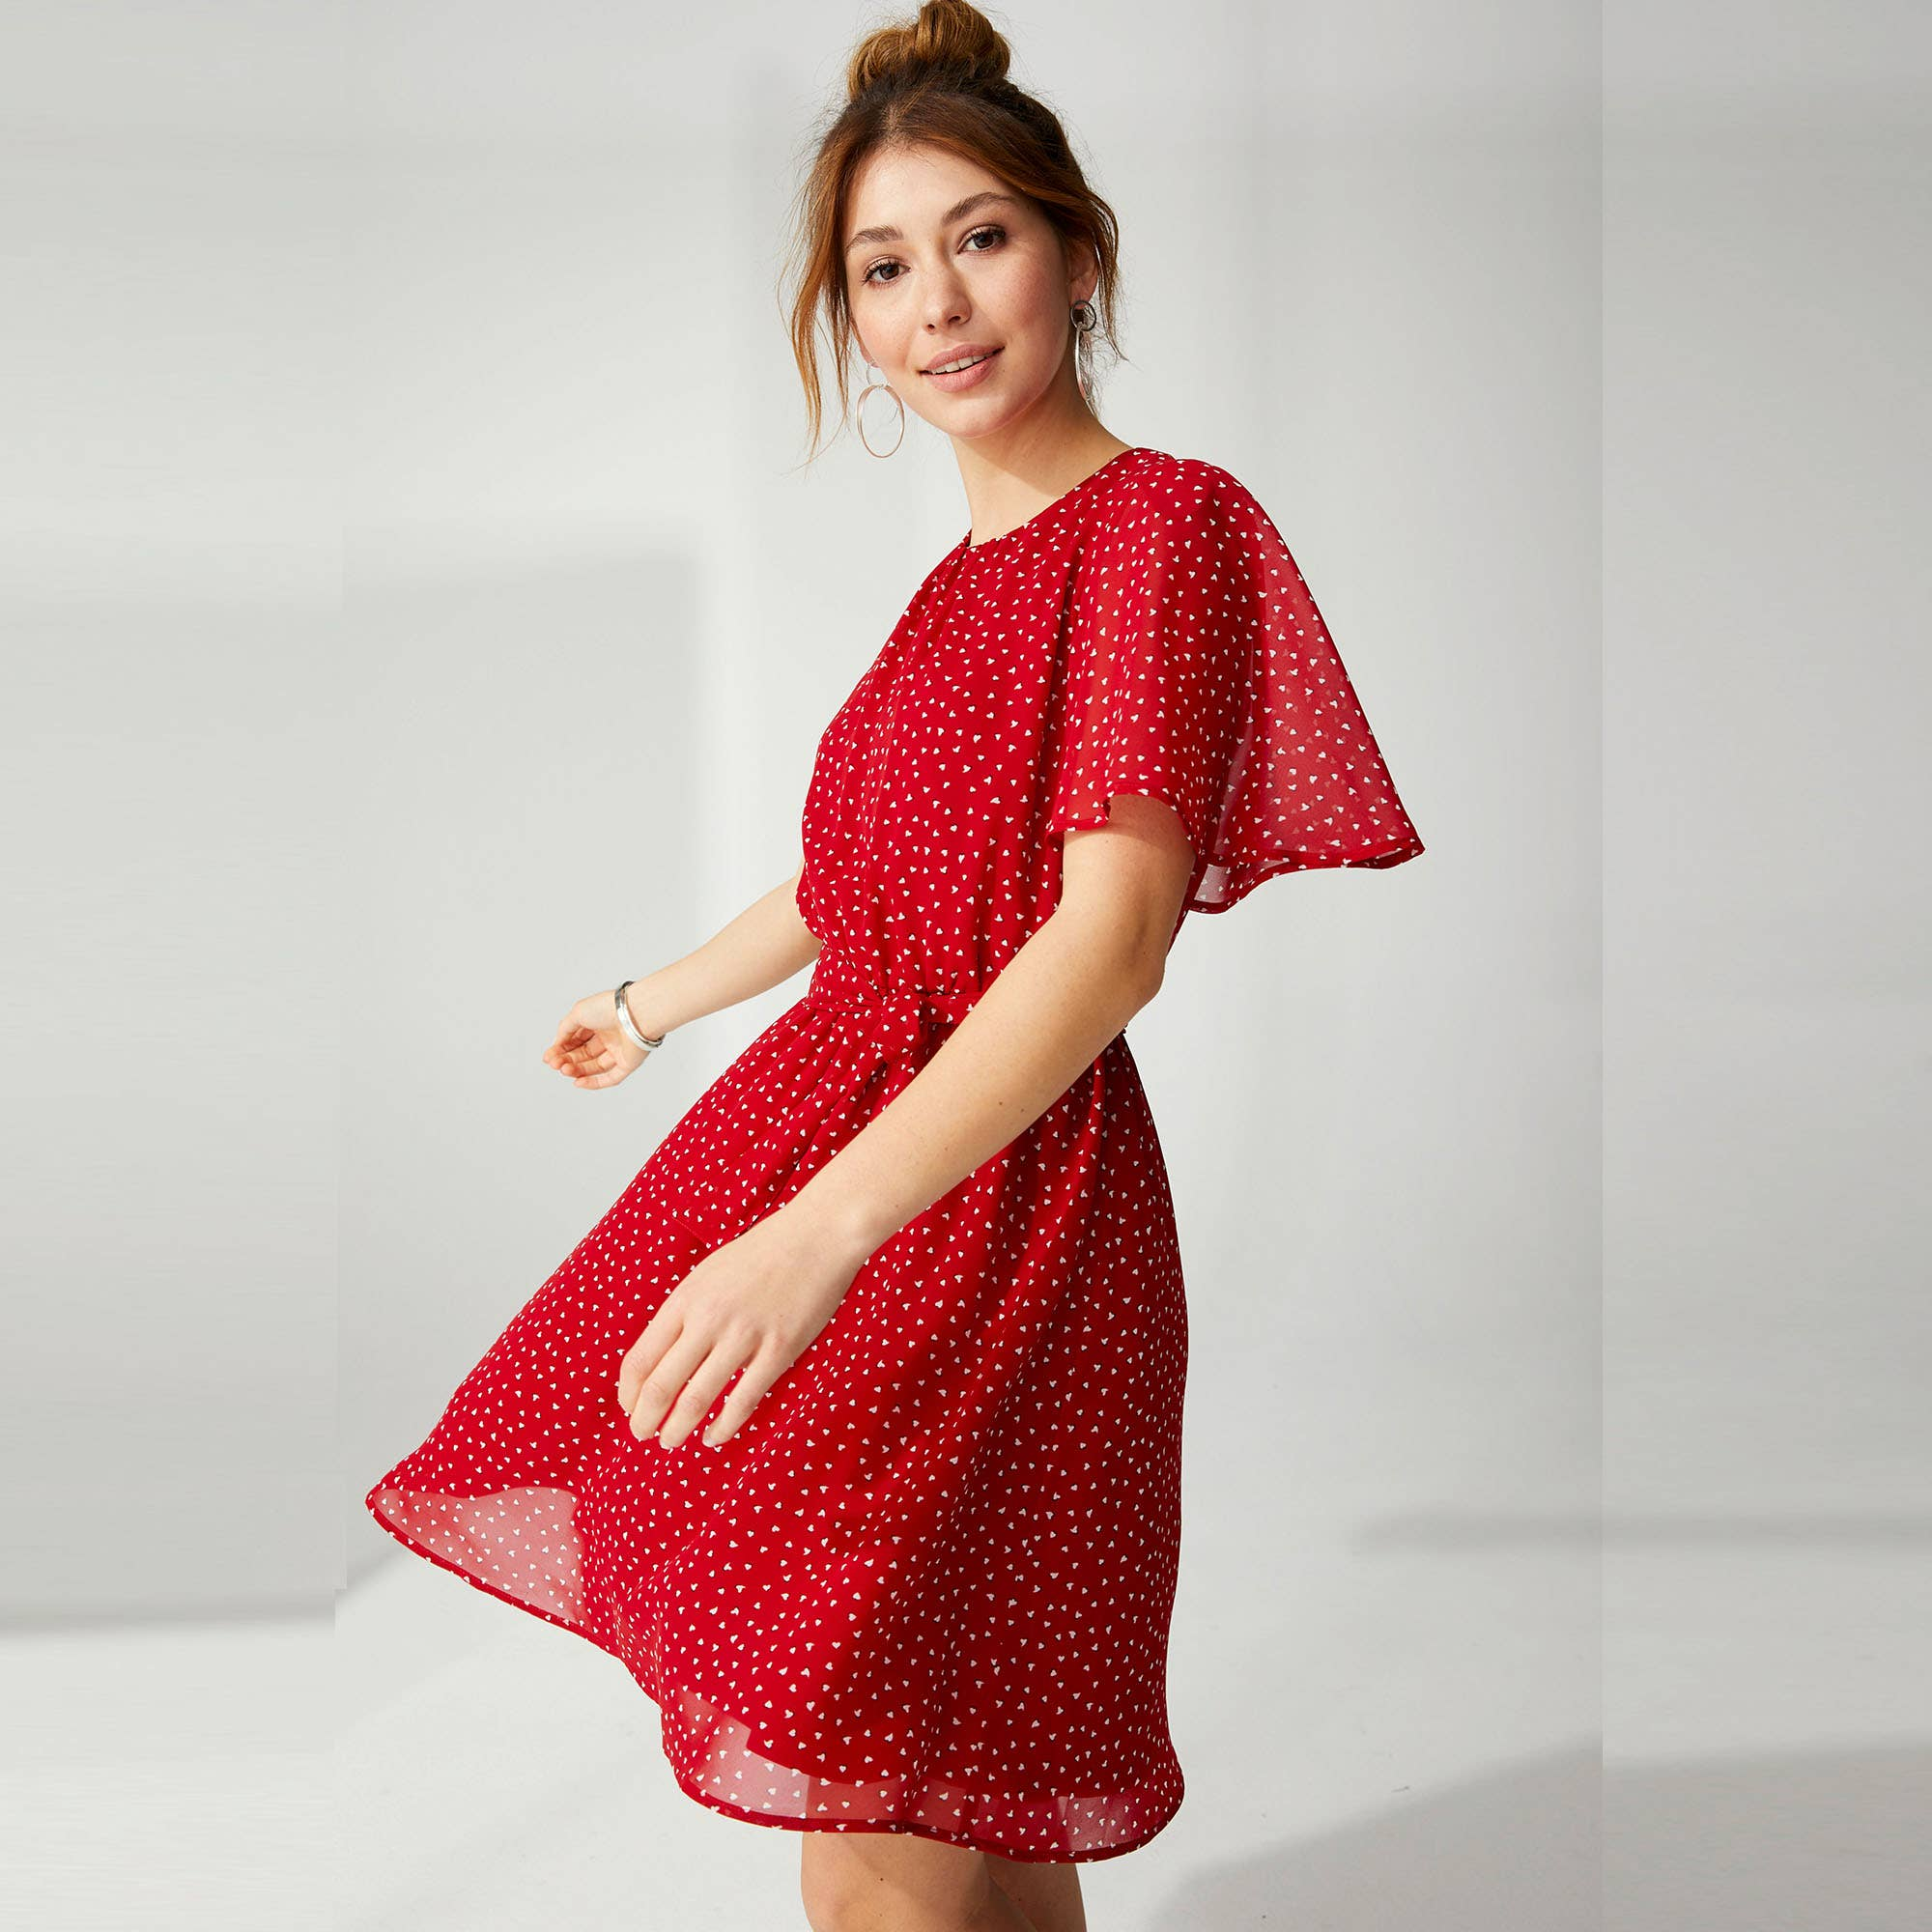 Damen Chiffon Kleid mit Herzmuster